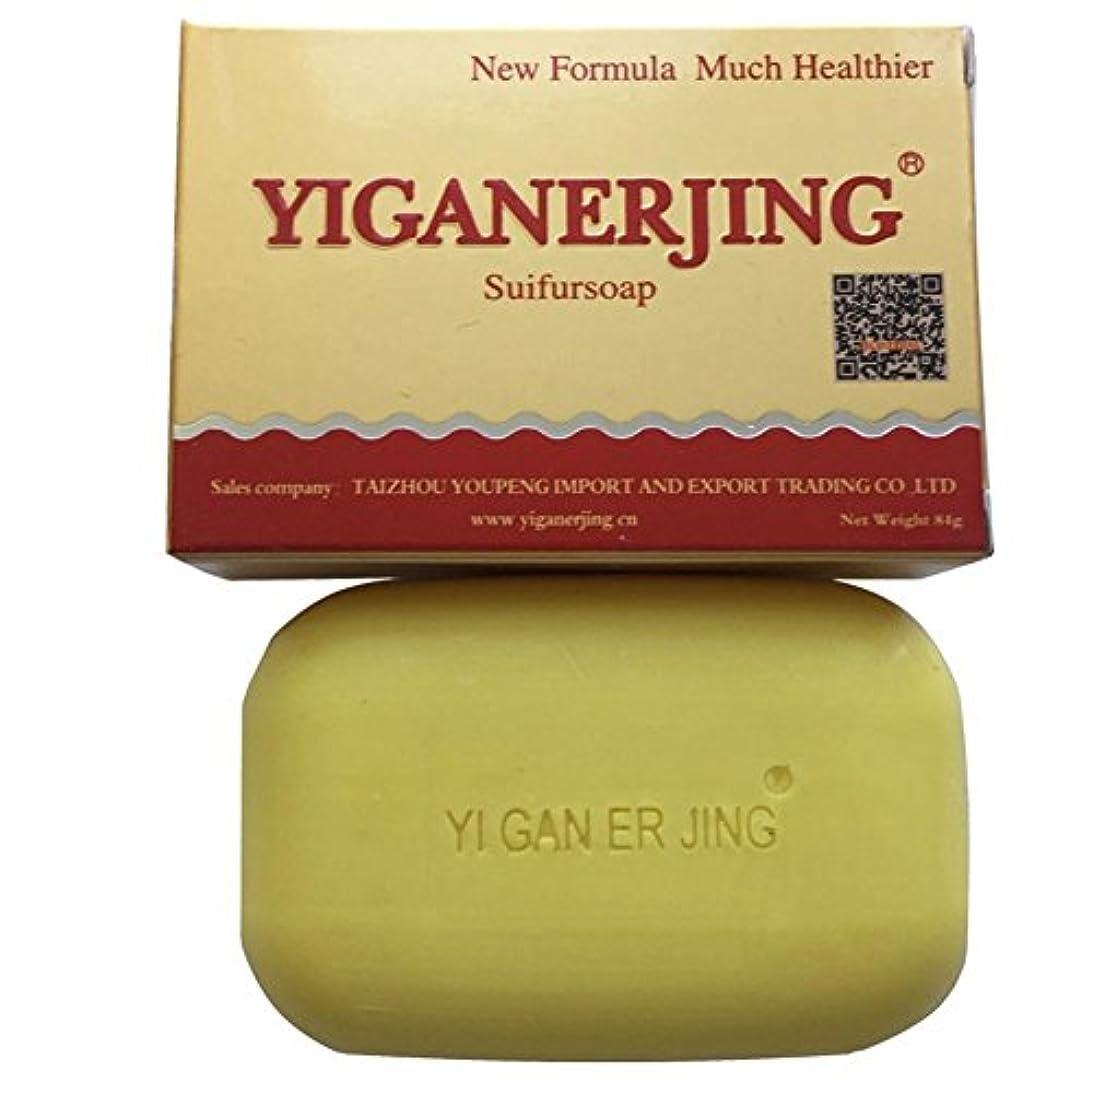 若さ徐々にゴールド洗颜石鹸 顔ダニ対策 硫黄石鹸 肌の状態を改善する 抗真菌バス美白石けんシャンプー石鹸 洗颜用品 90g